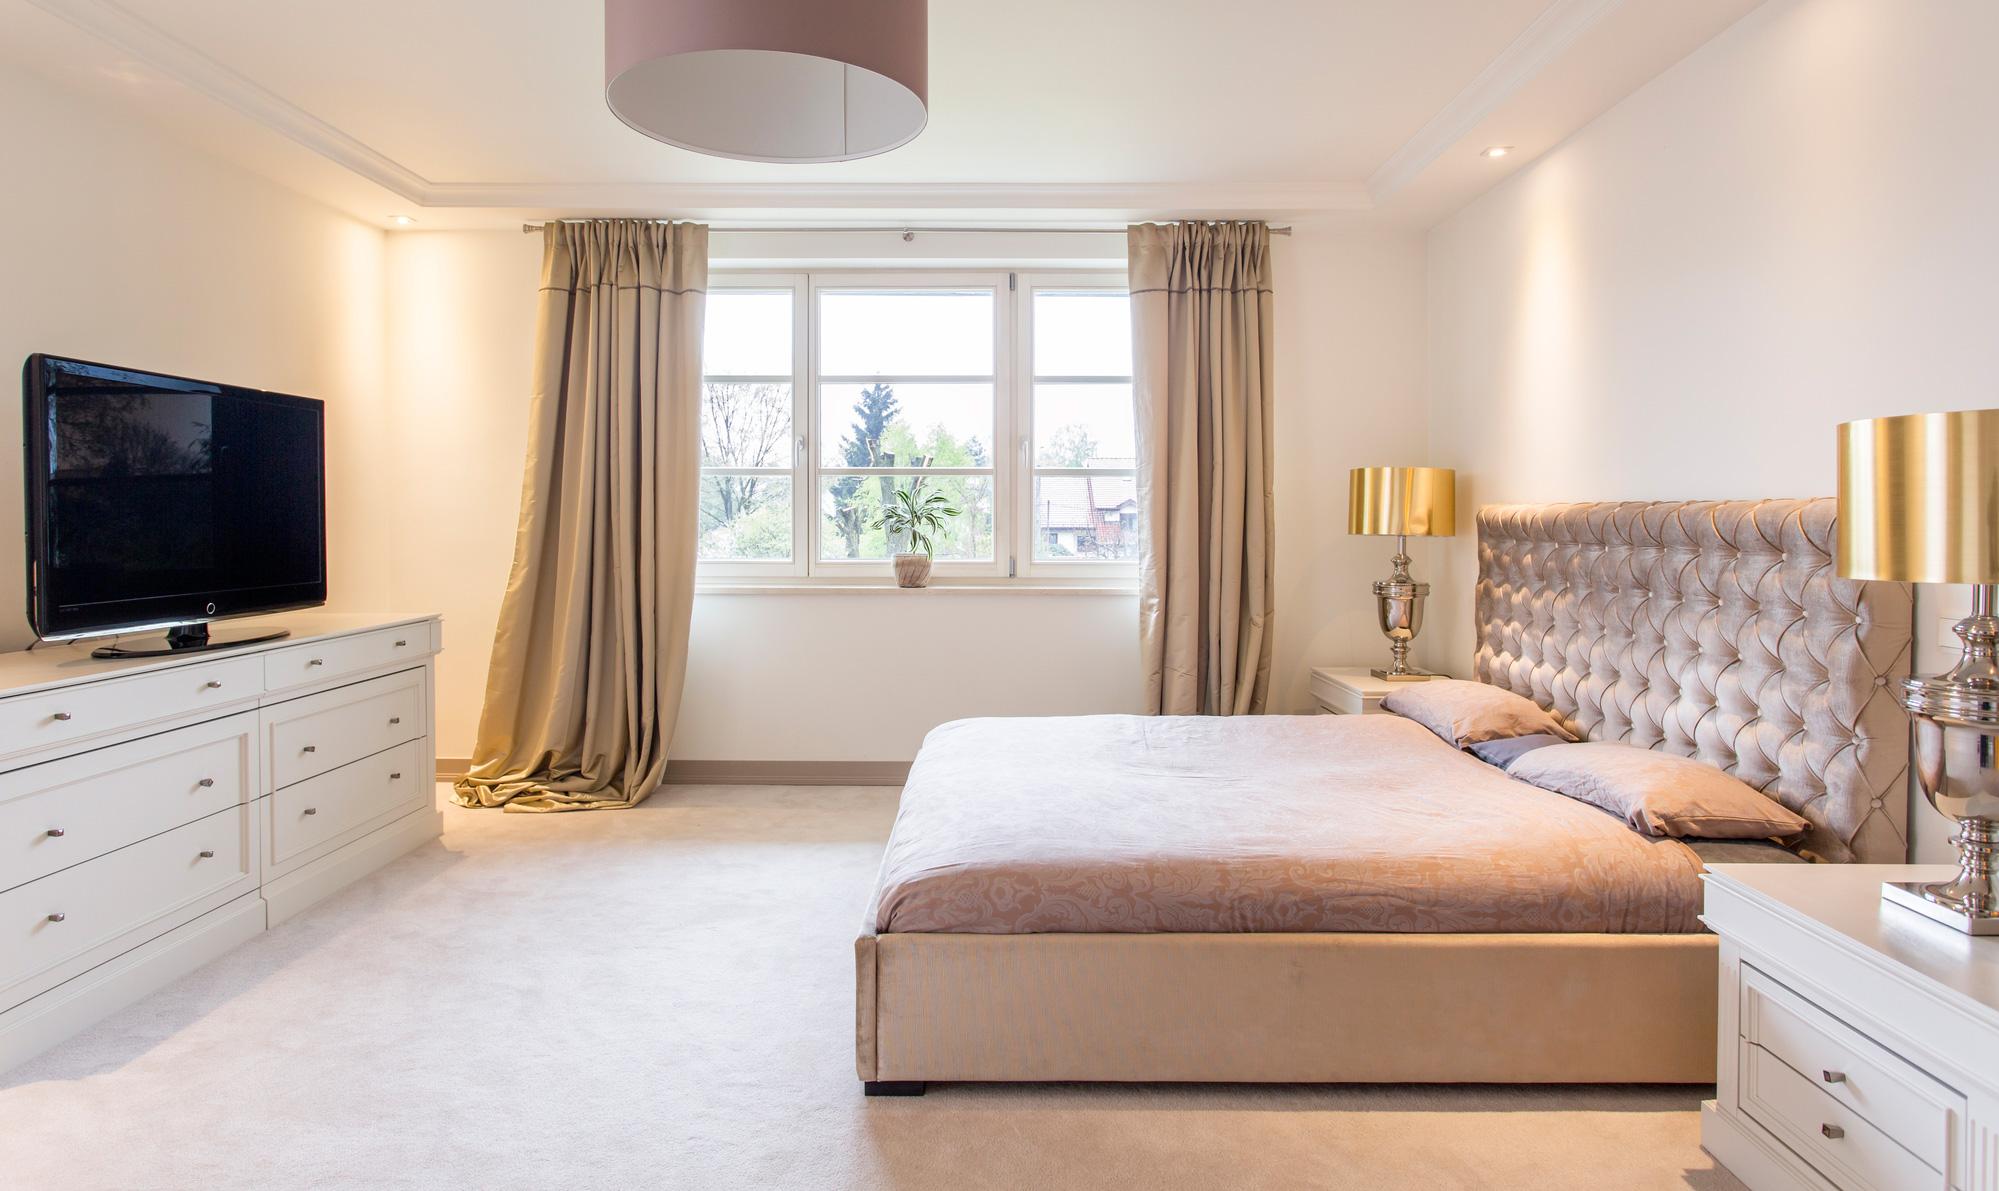 Camere da letto eleganti dal classico al moderno - Pitture camera da letto ...